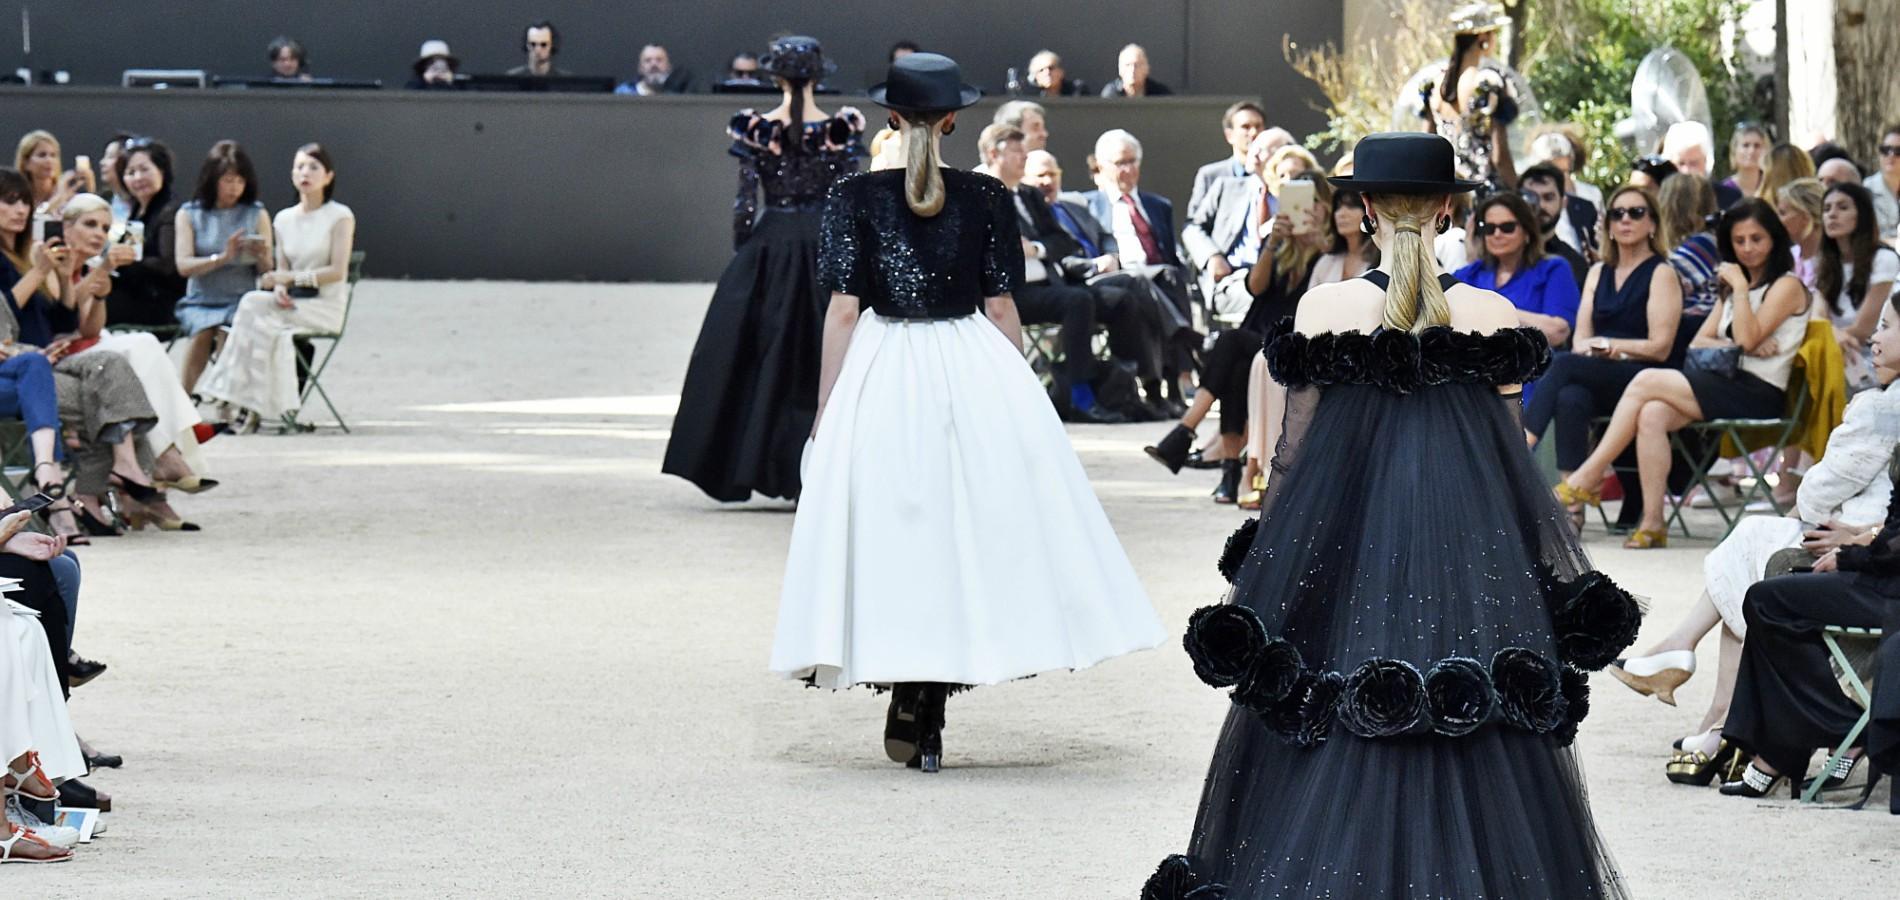 fashion week le calendrier officiel des d fil s haute couture printemps t 2018 madame figaro. Black Bedroom Furniture Sets. Home Design Ideas